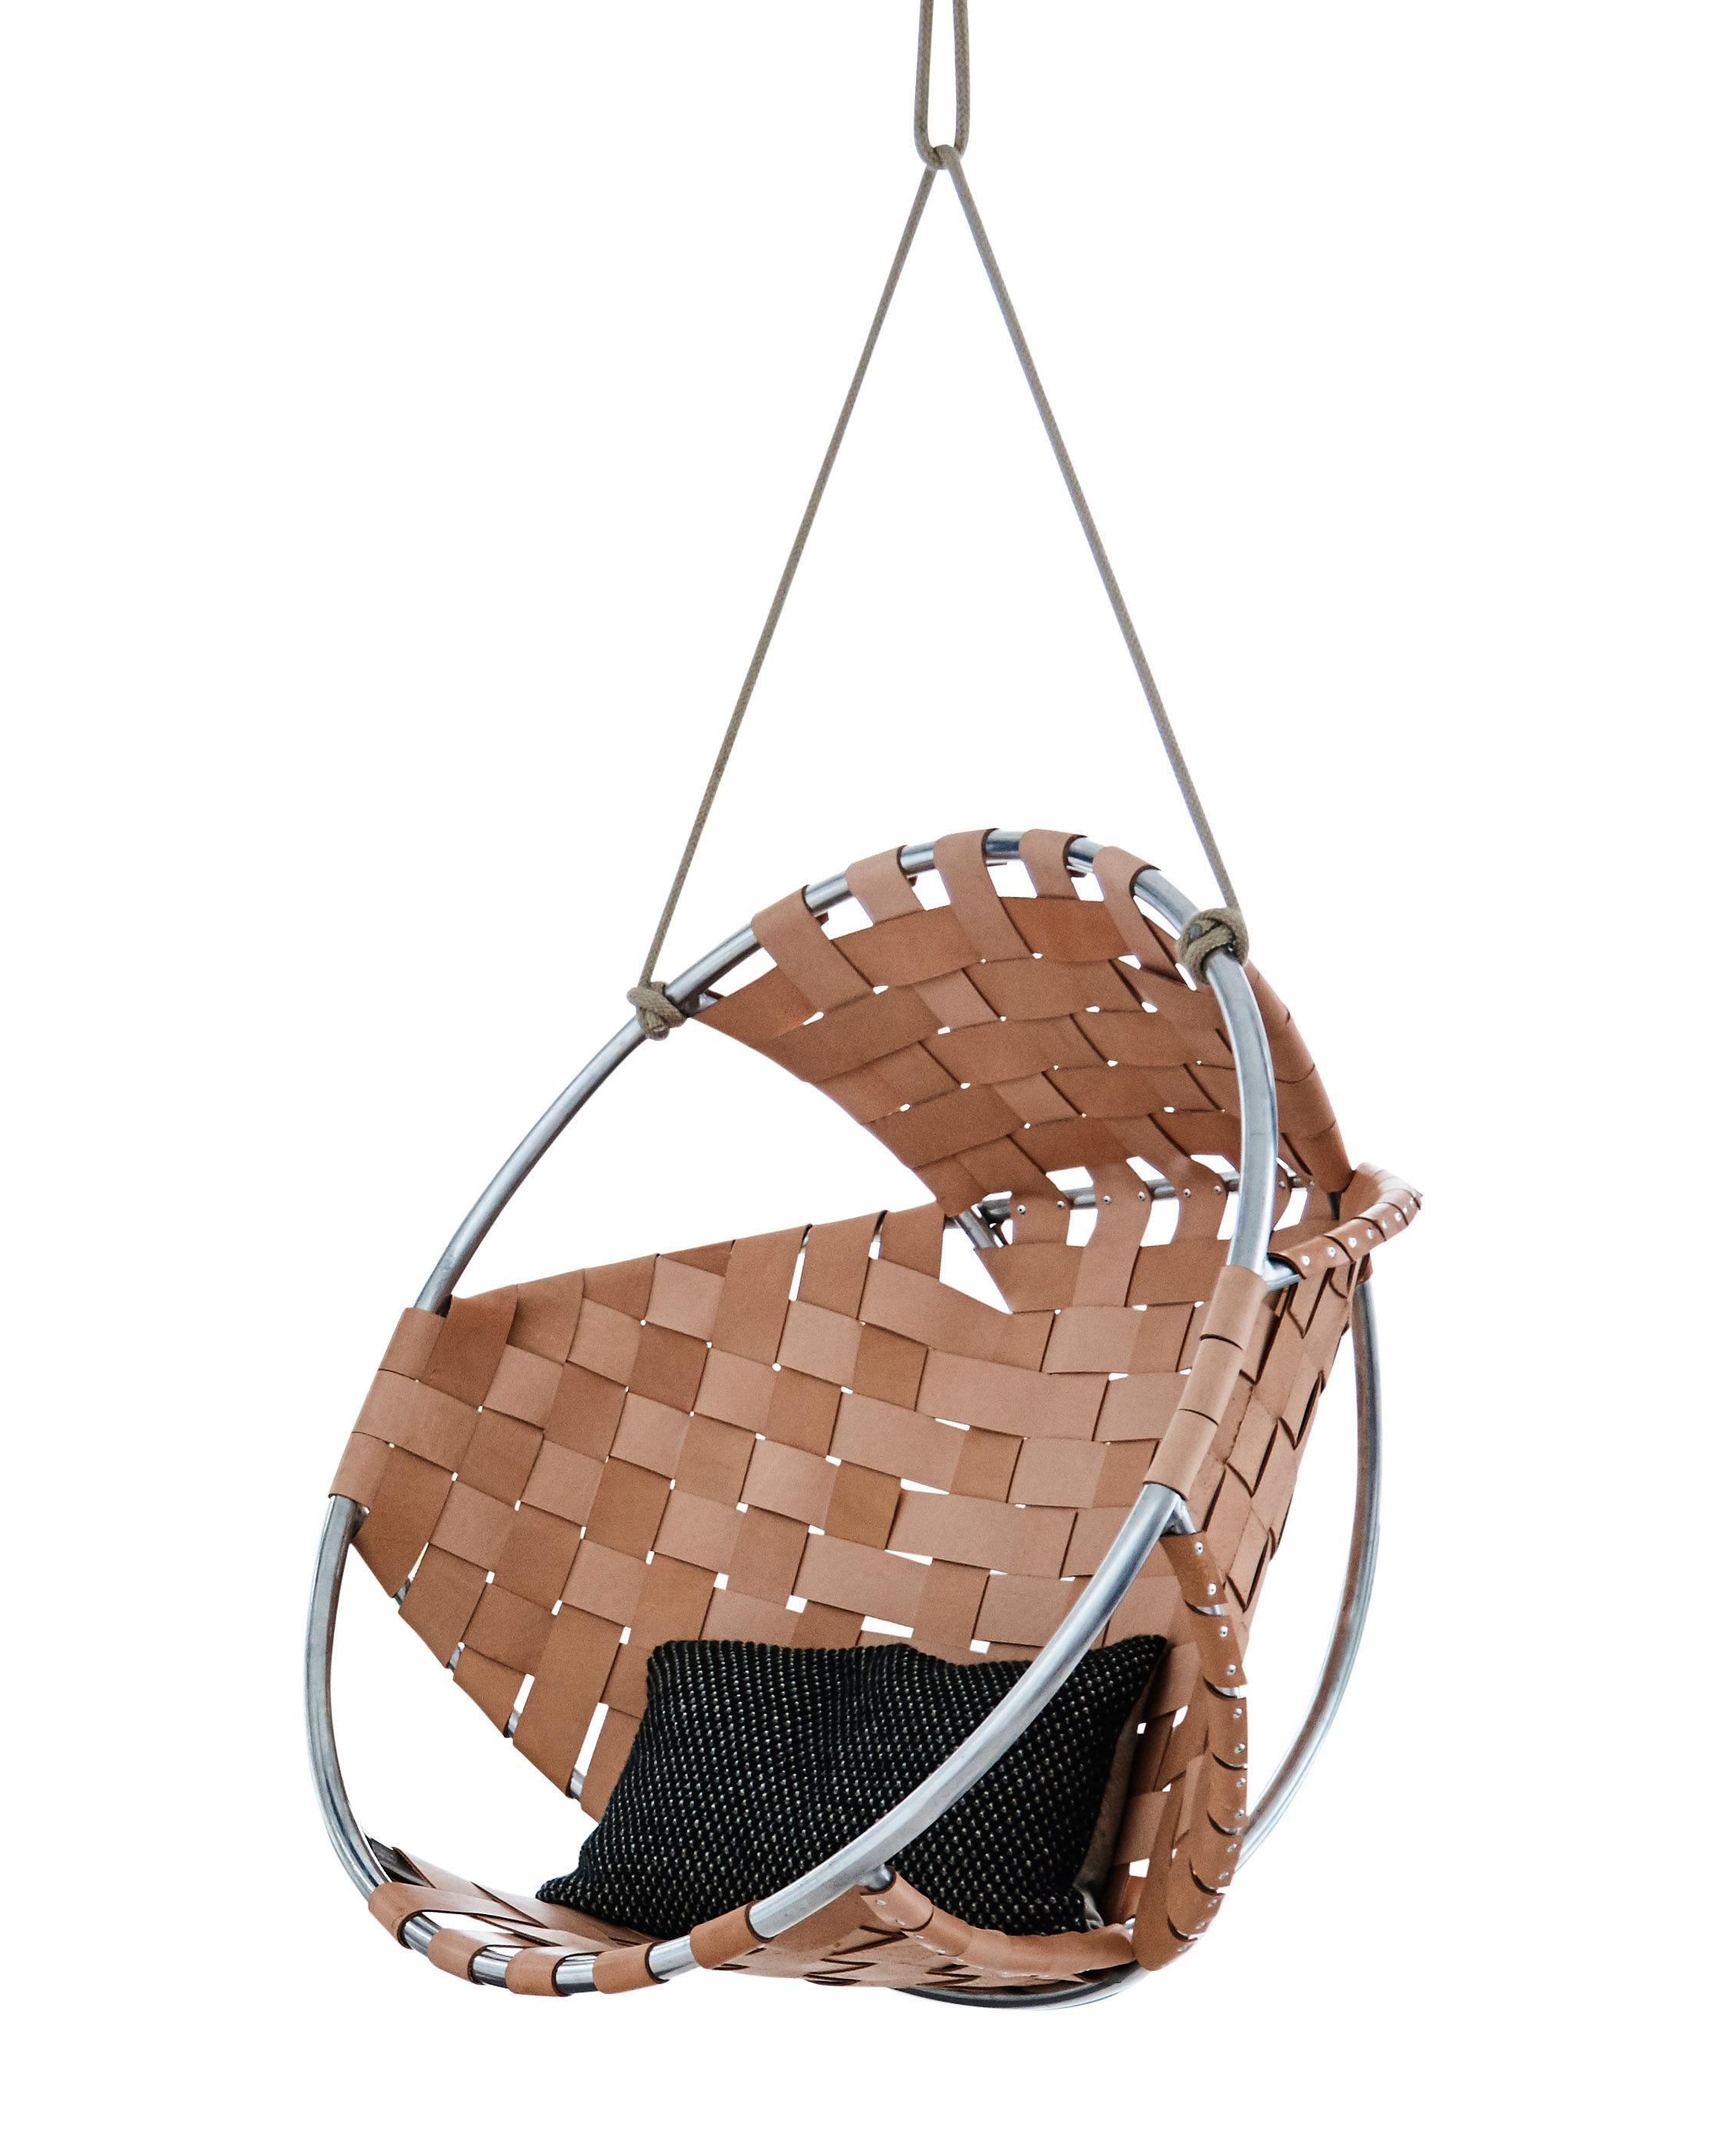 cocoon echtes leder trimm copenhagen h ngesessel. Black Bedroom Furniture Sets. Home Design Ideas